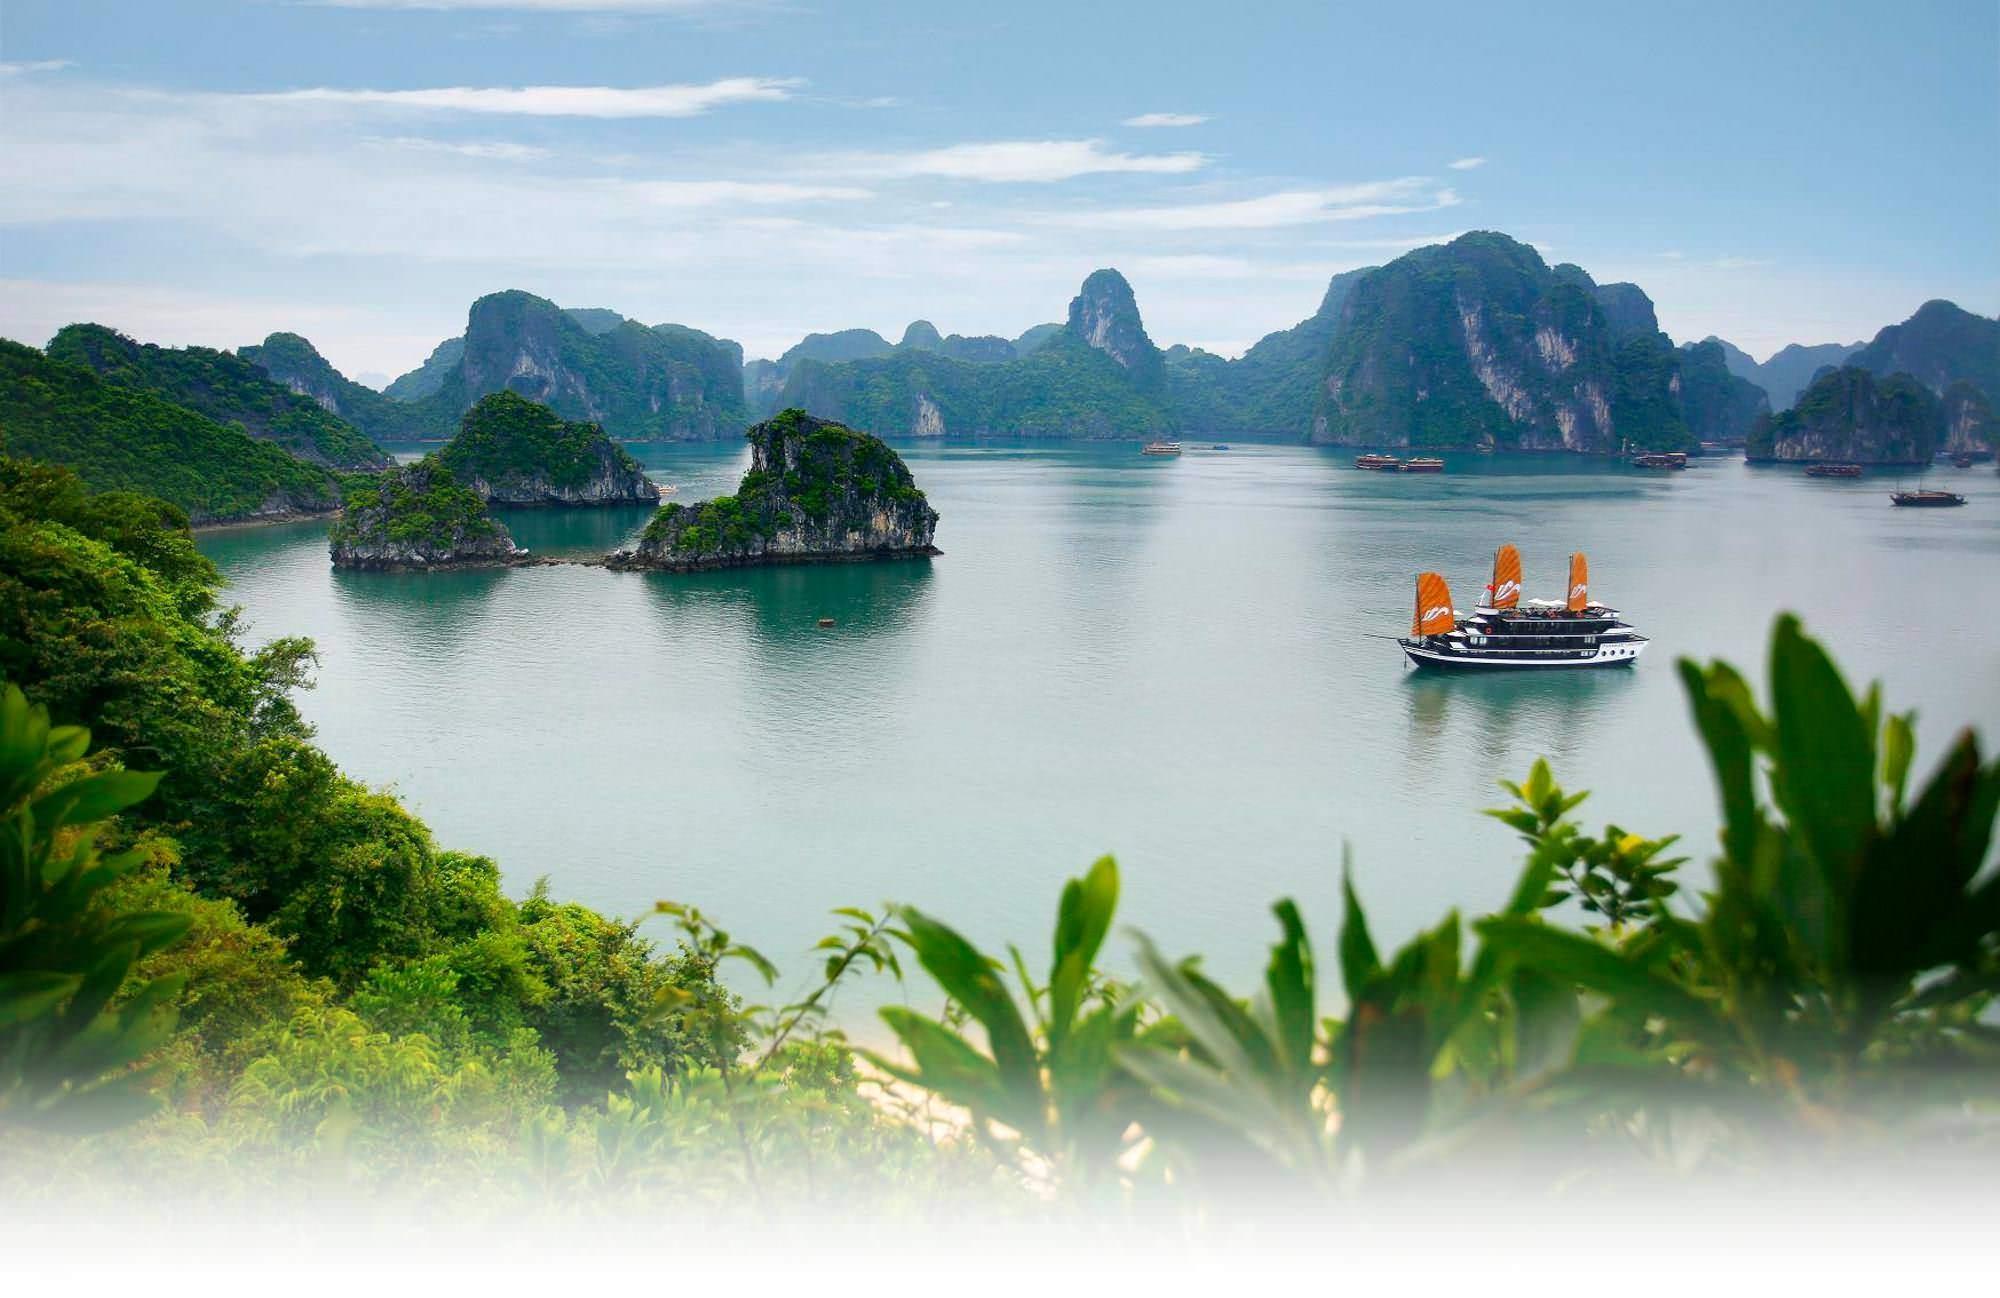 Вьетнам обои на рабочий стол   скачать (7)